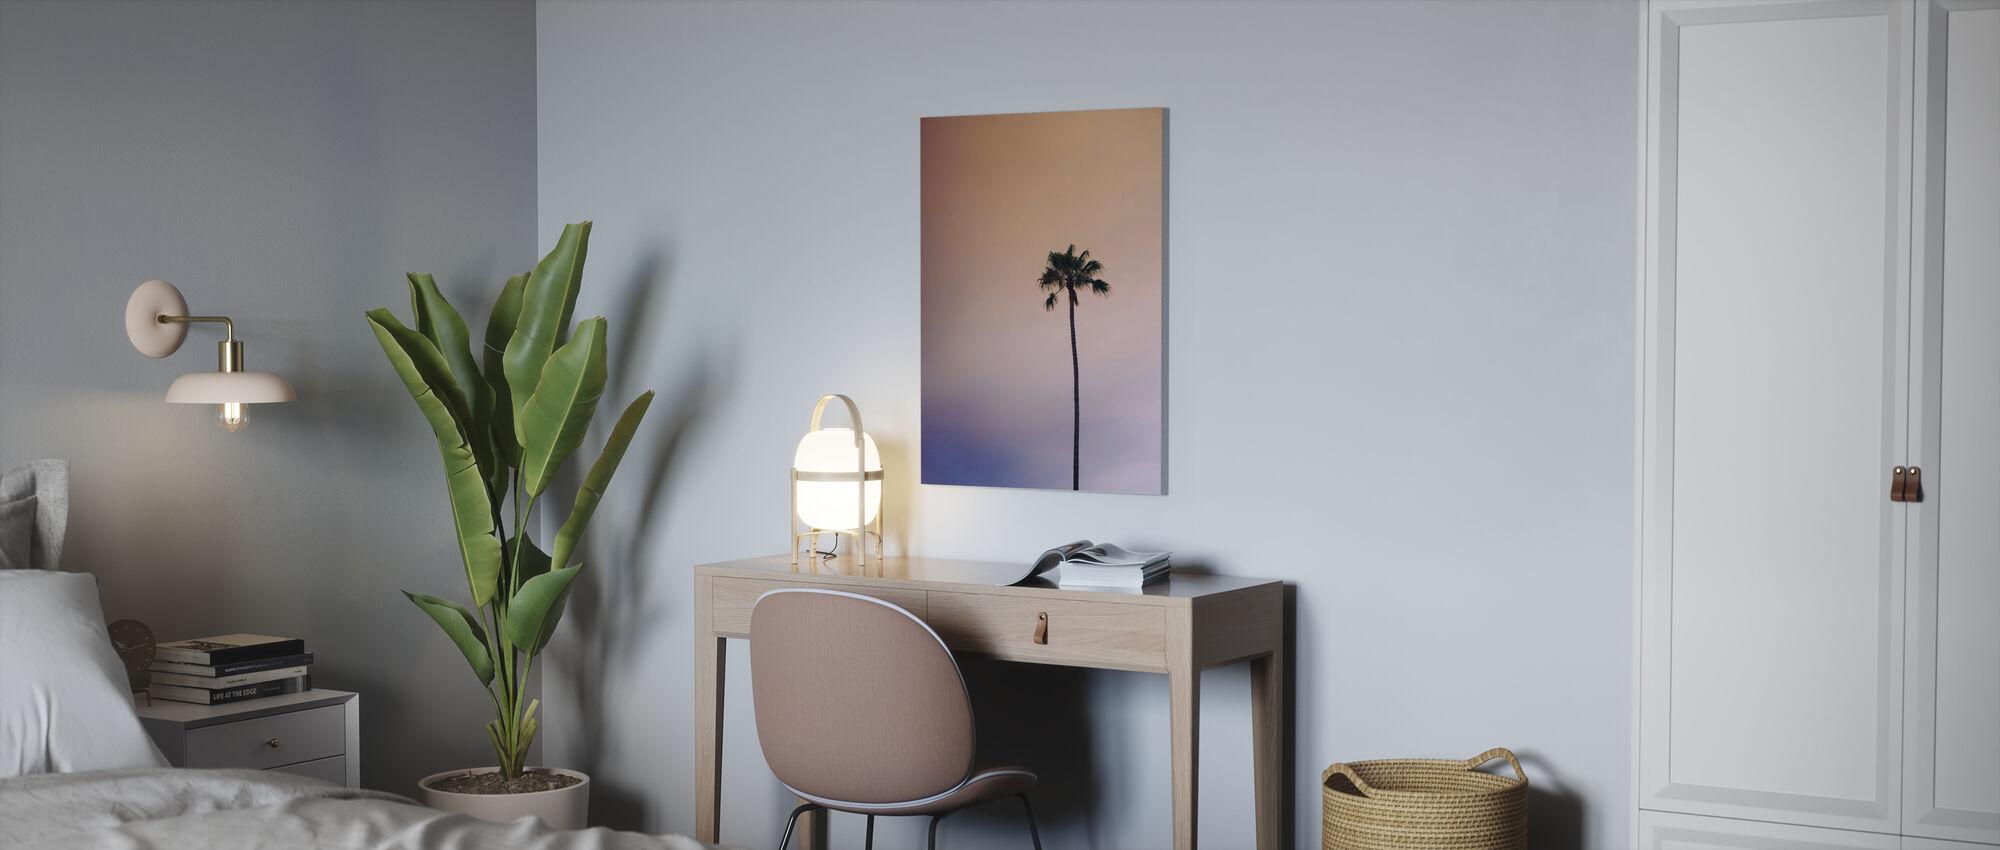 Enlig palmetræ - Billede på lærred - Kontor